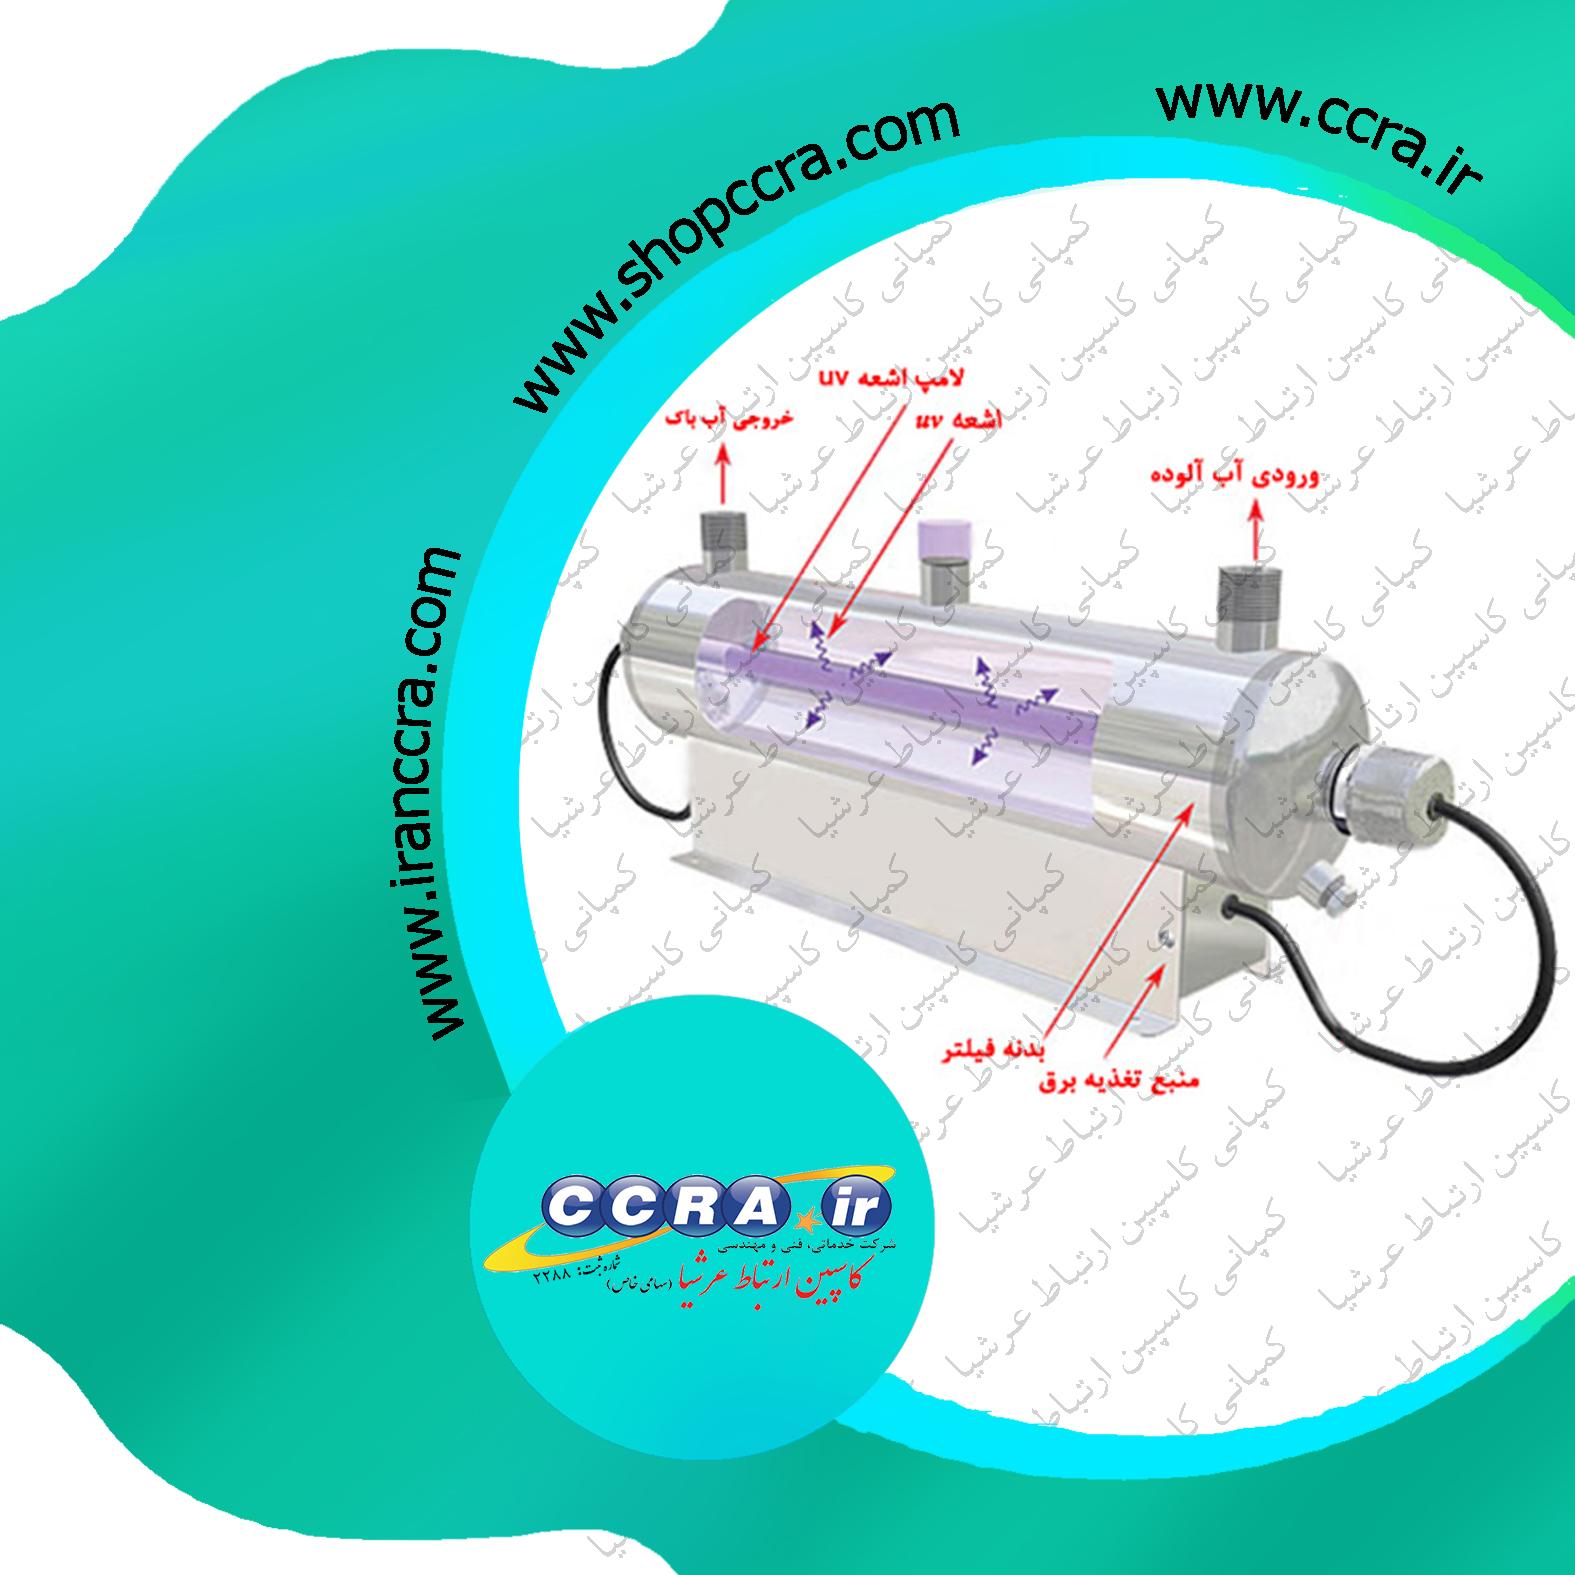 عملکرد و ساختار فیلتر یو وی در دستگاه های تصفیه آب خانگی پیوری واتر